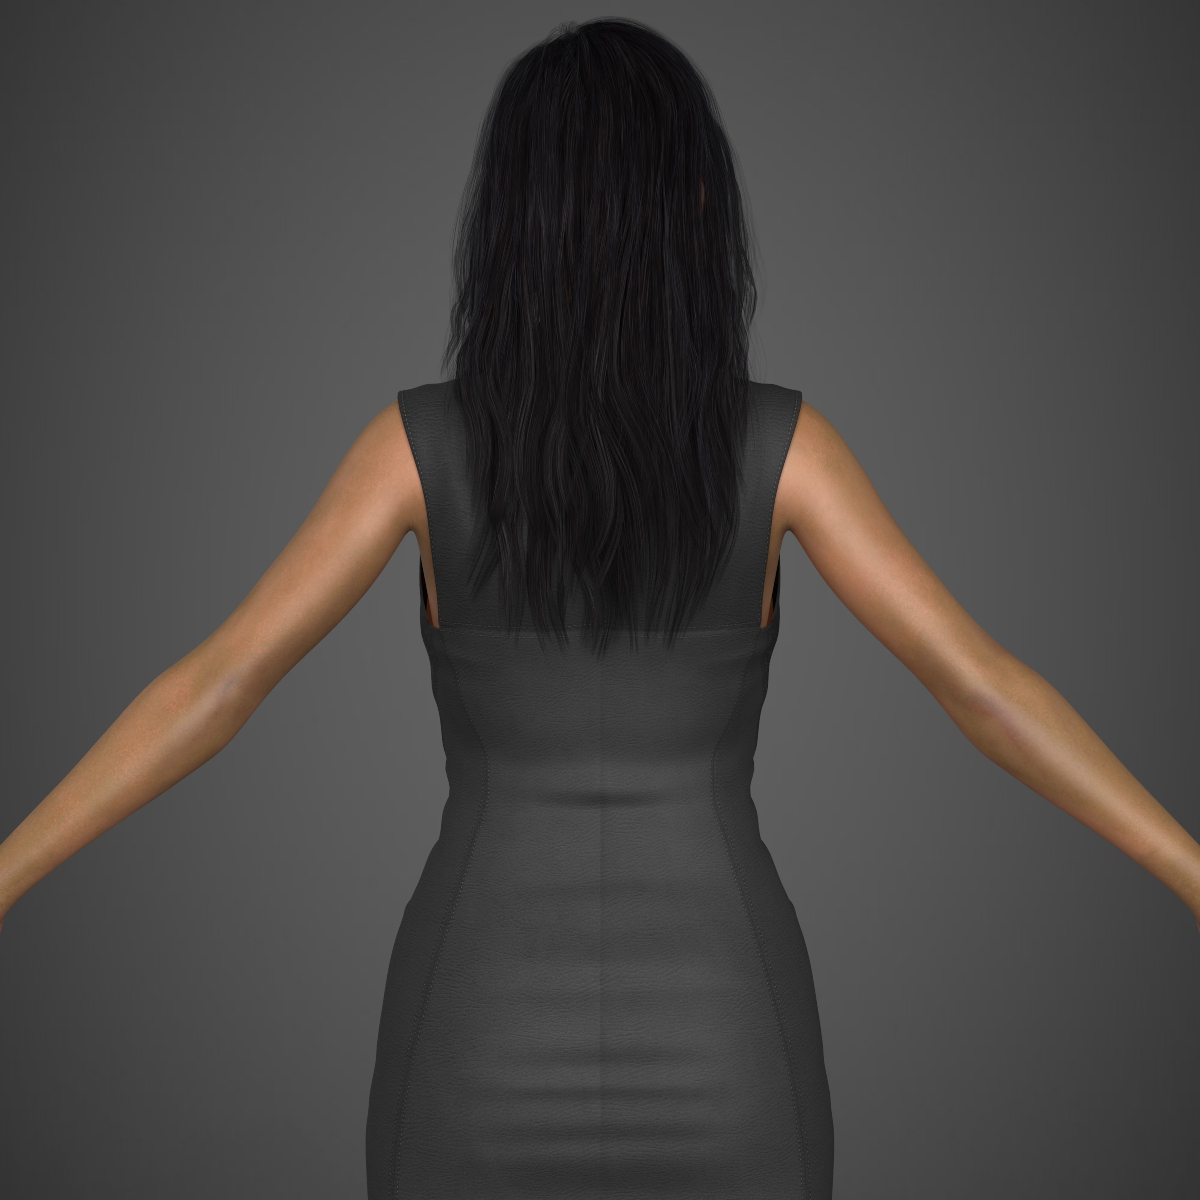 young sexy woman 3d model max fbx c4d ma mb texture obj 221219